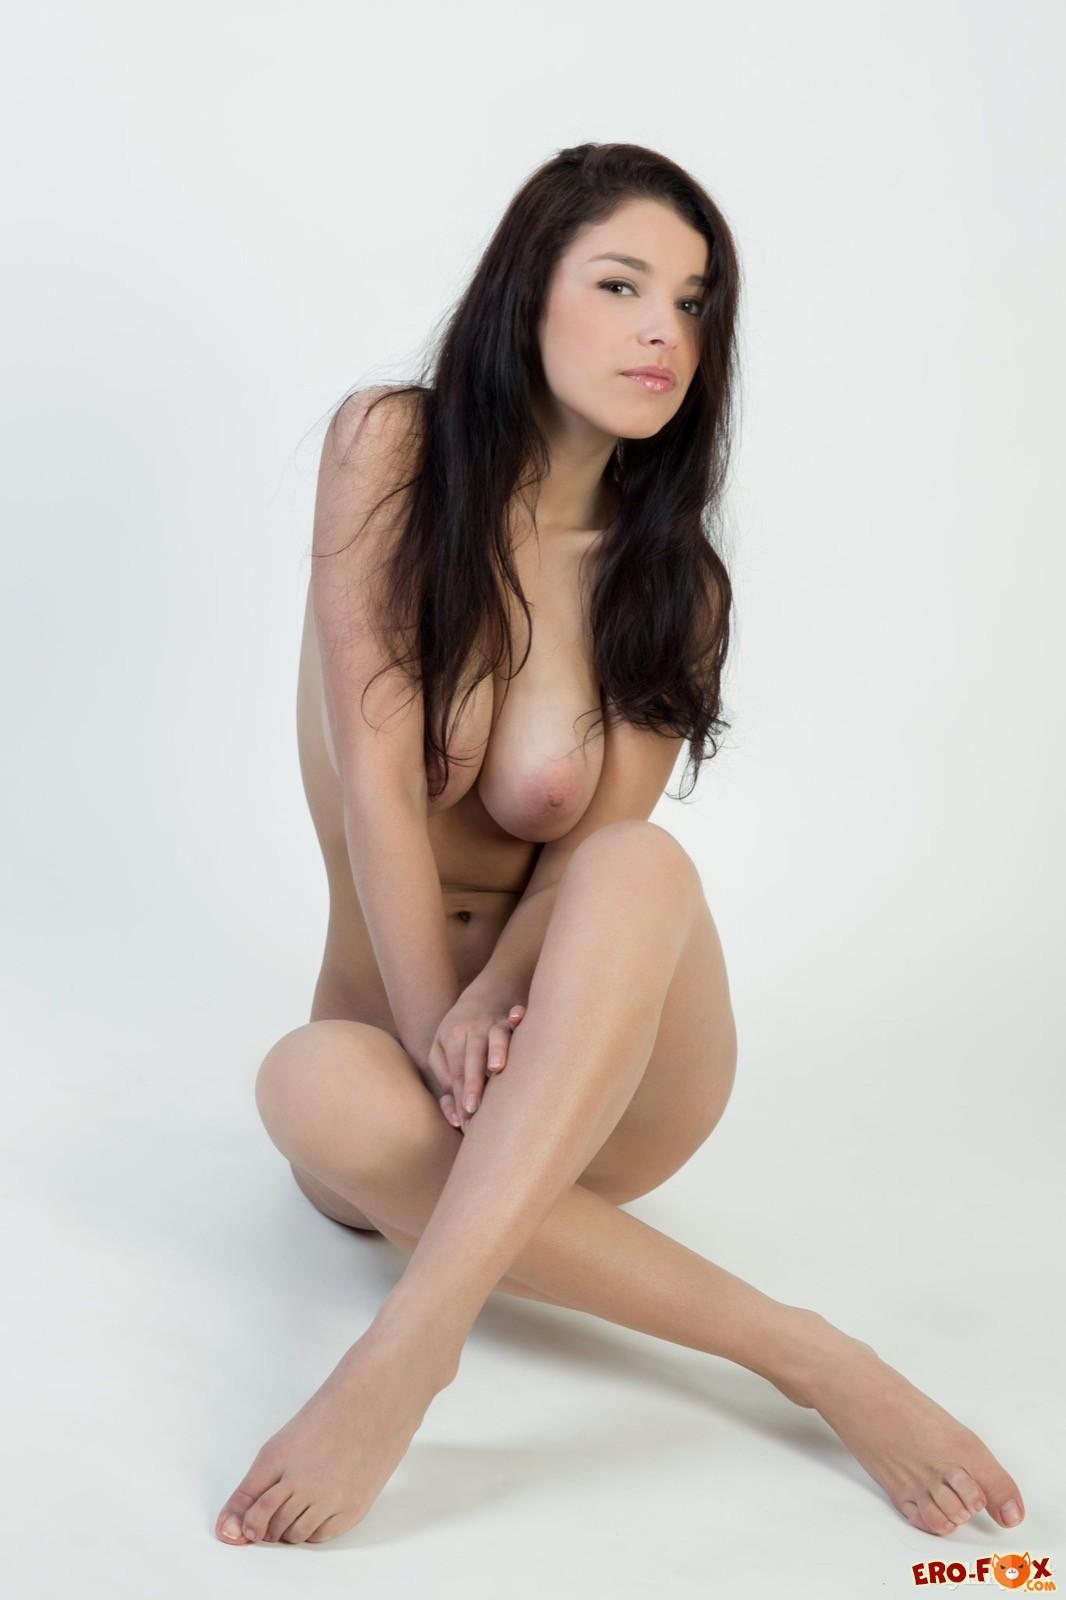 Грациозная голая модель показывает крупные дойки - фото